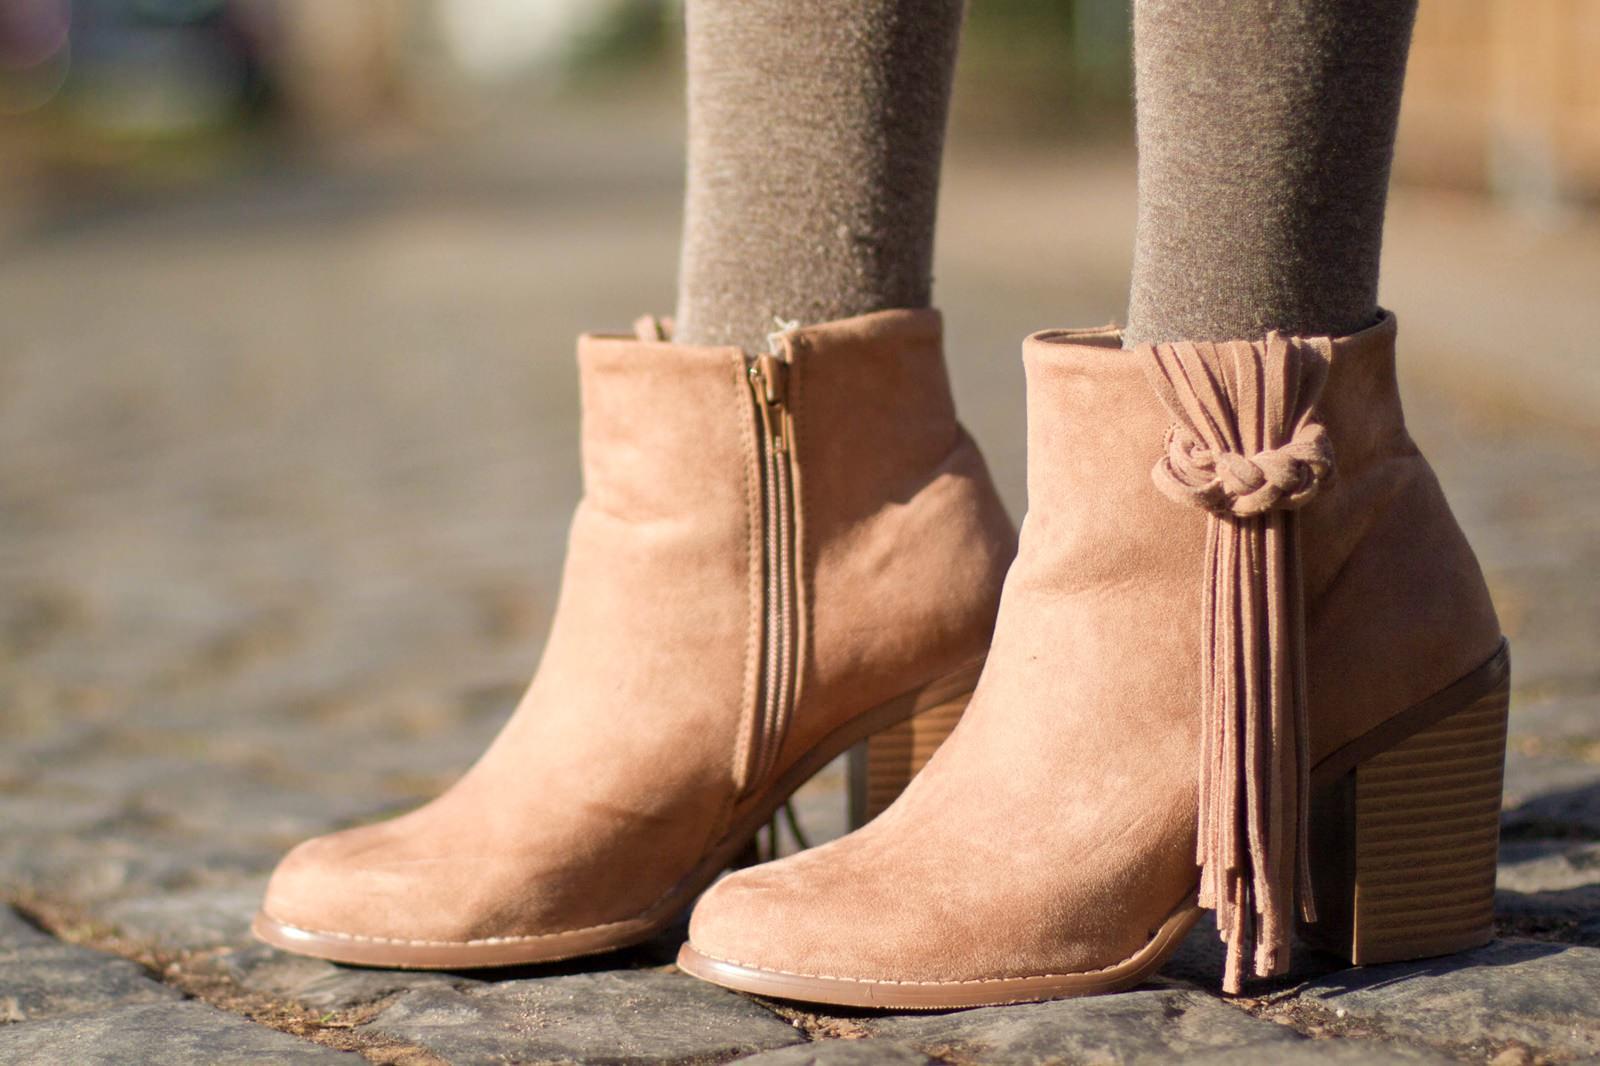 7 days 7 ways - Layering Zara Cape Stiefel 7